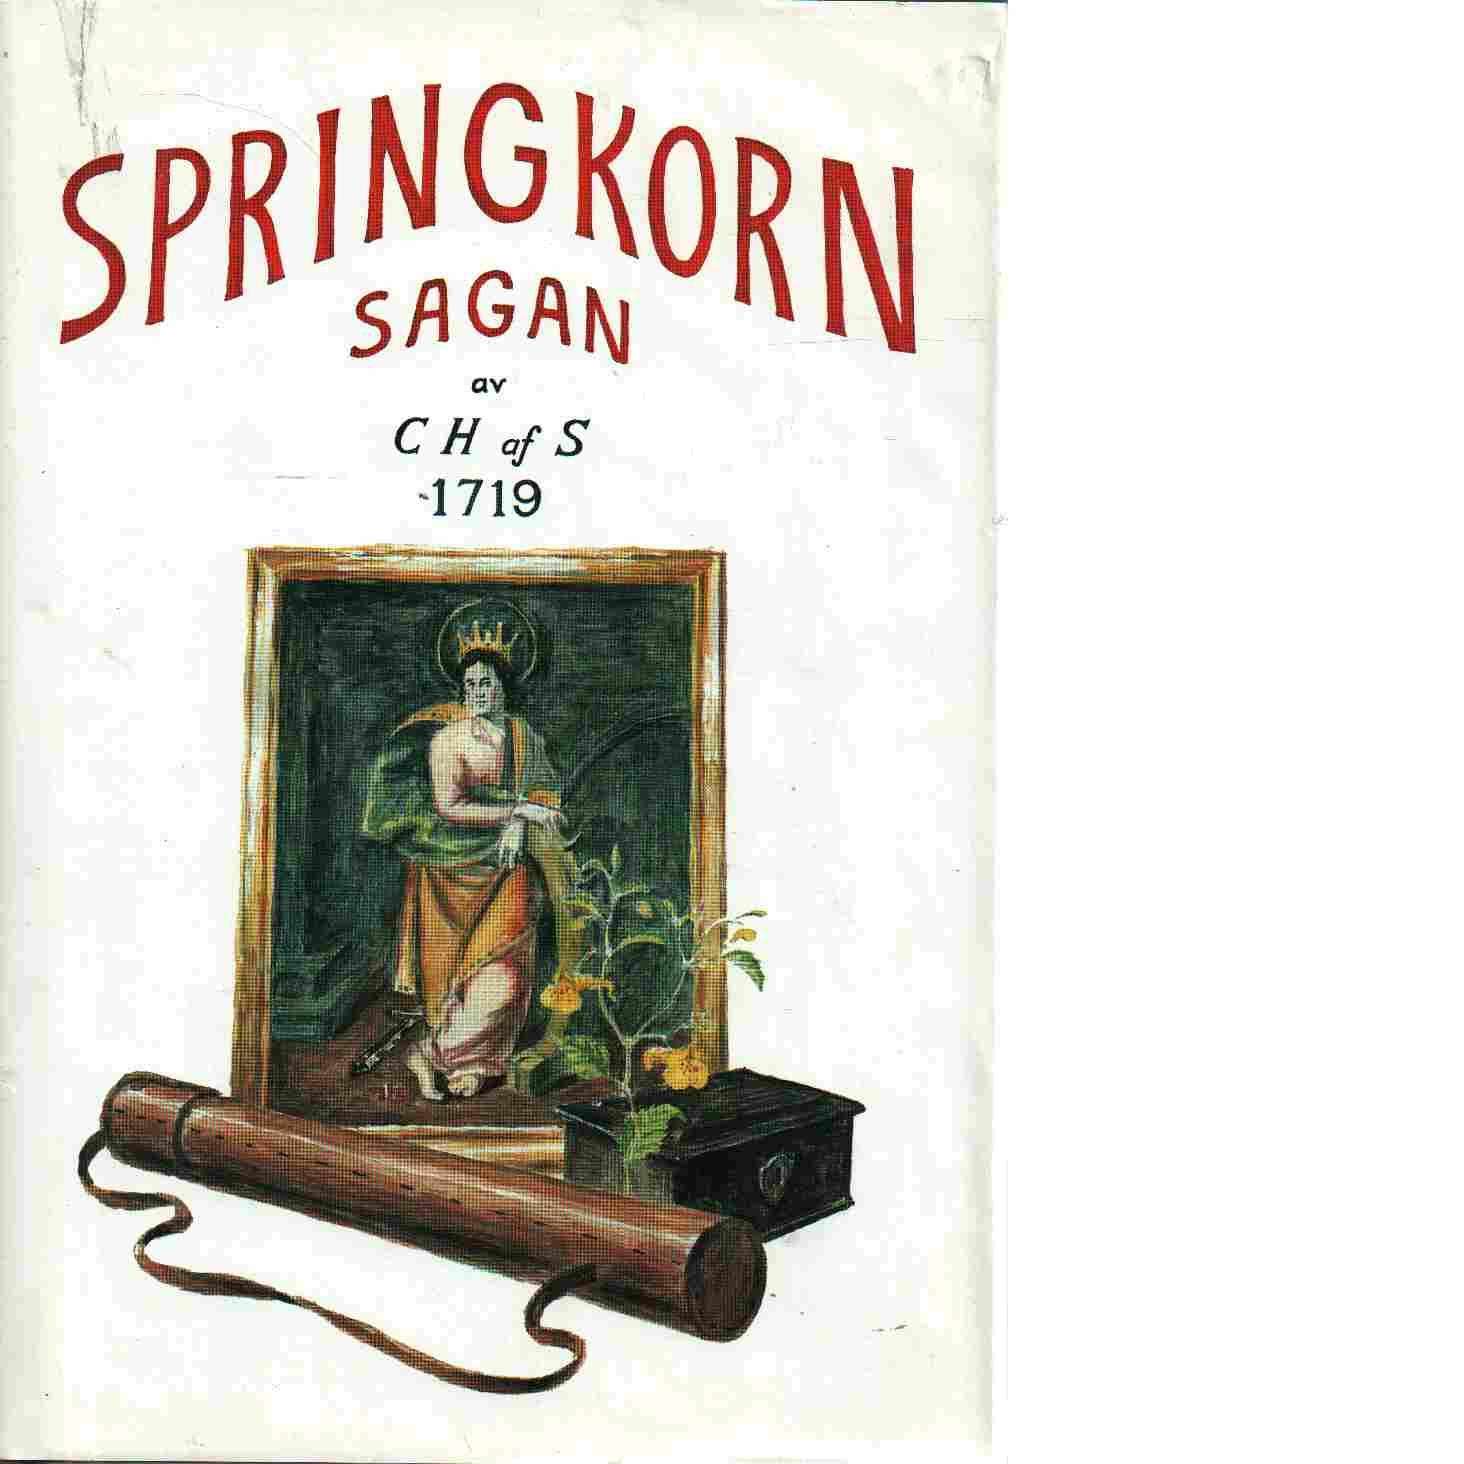 Springkornsagan : i drömvit glömskas skimmer  av C H af S 1719 - Lindberg, Ulf Henrik